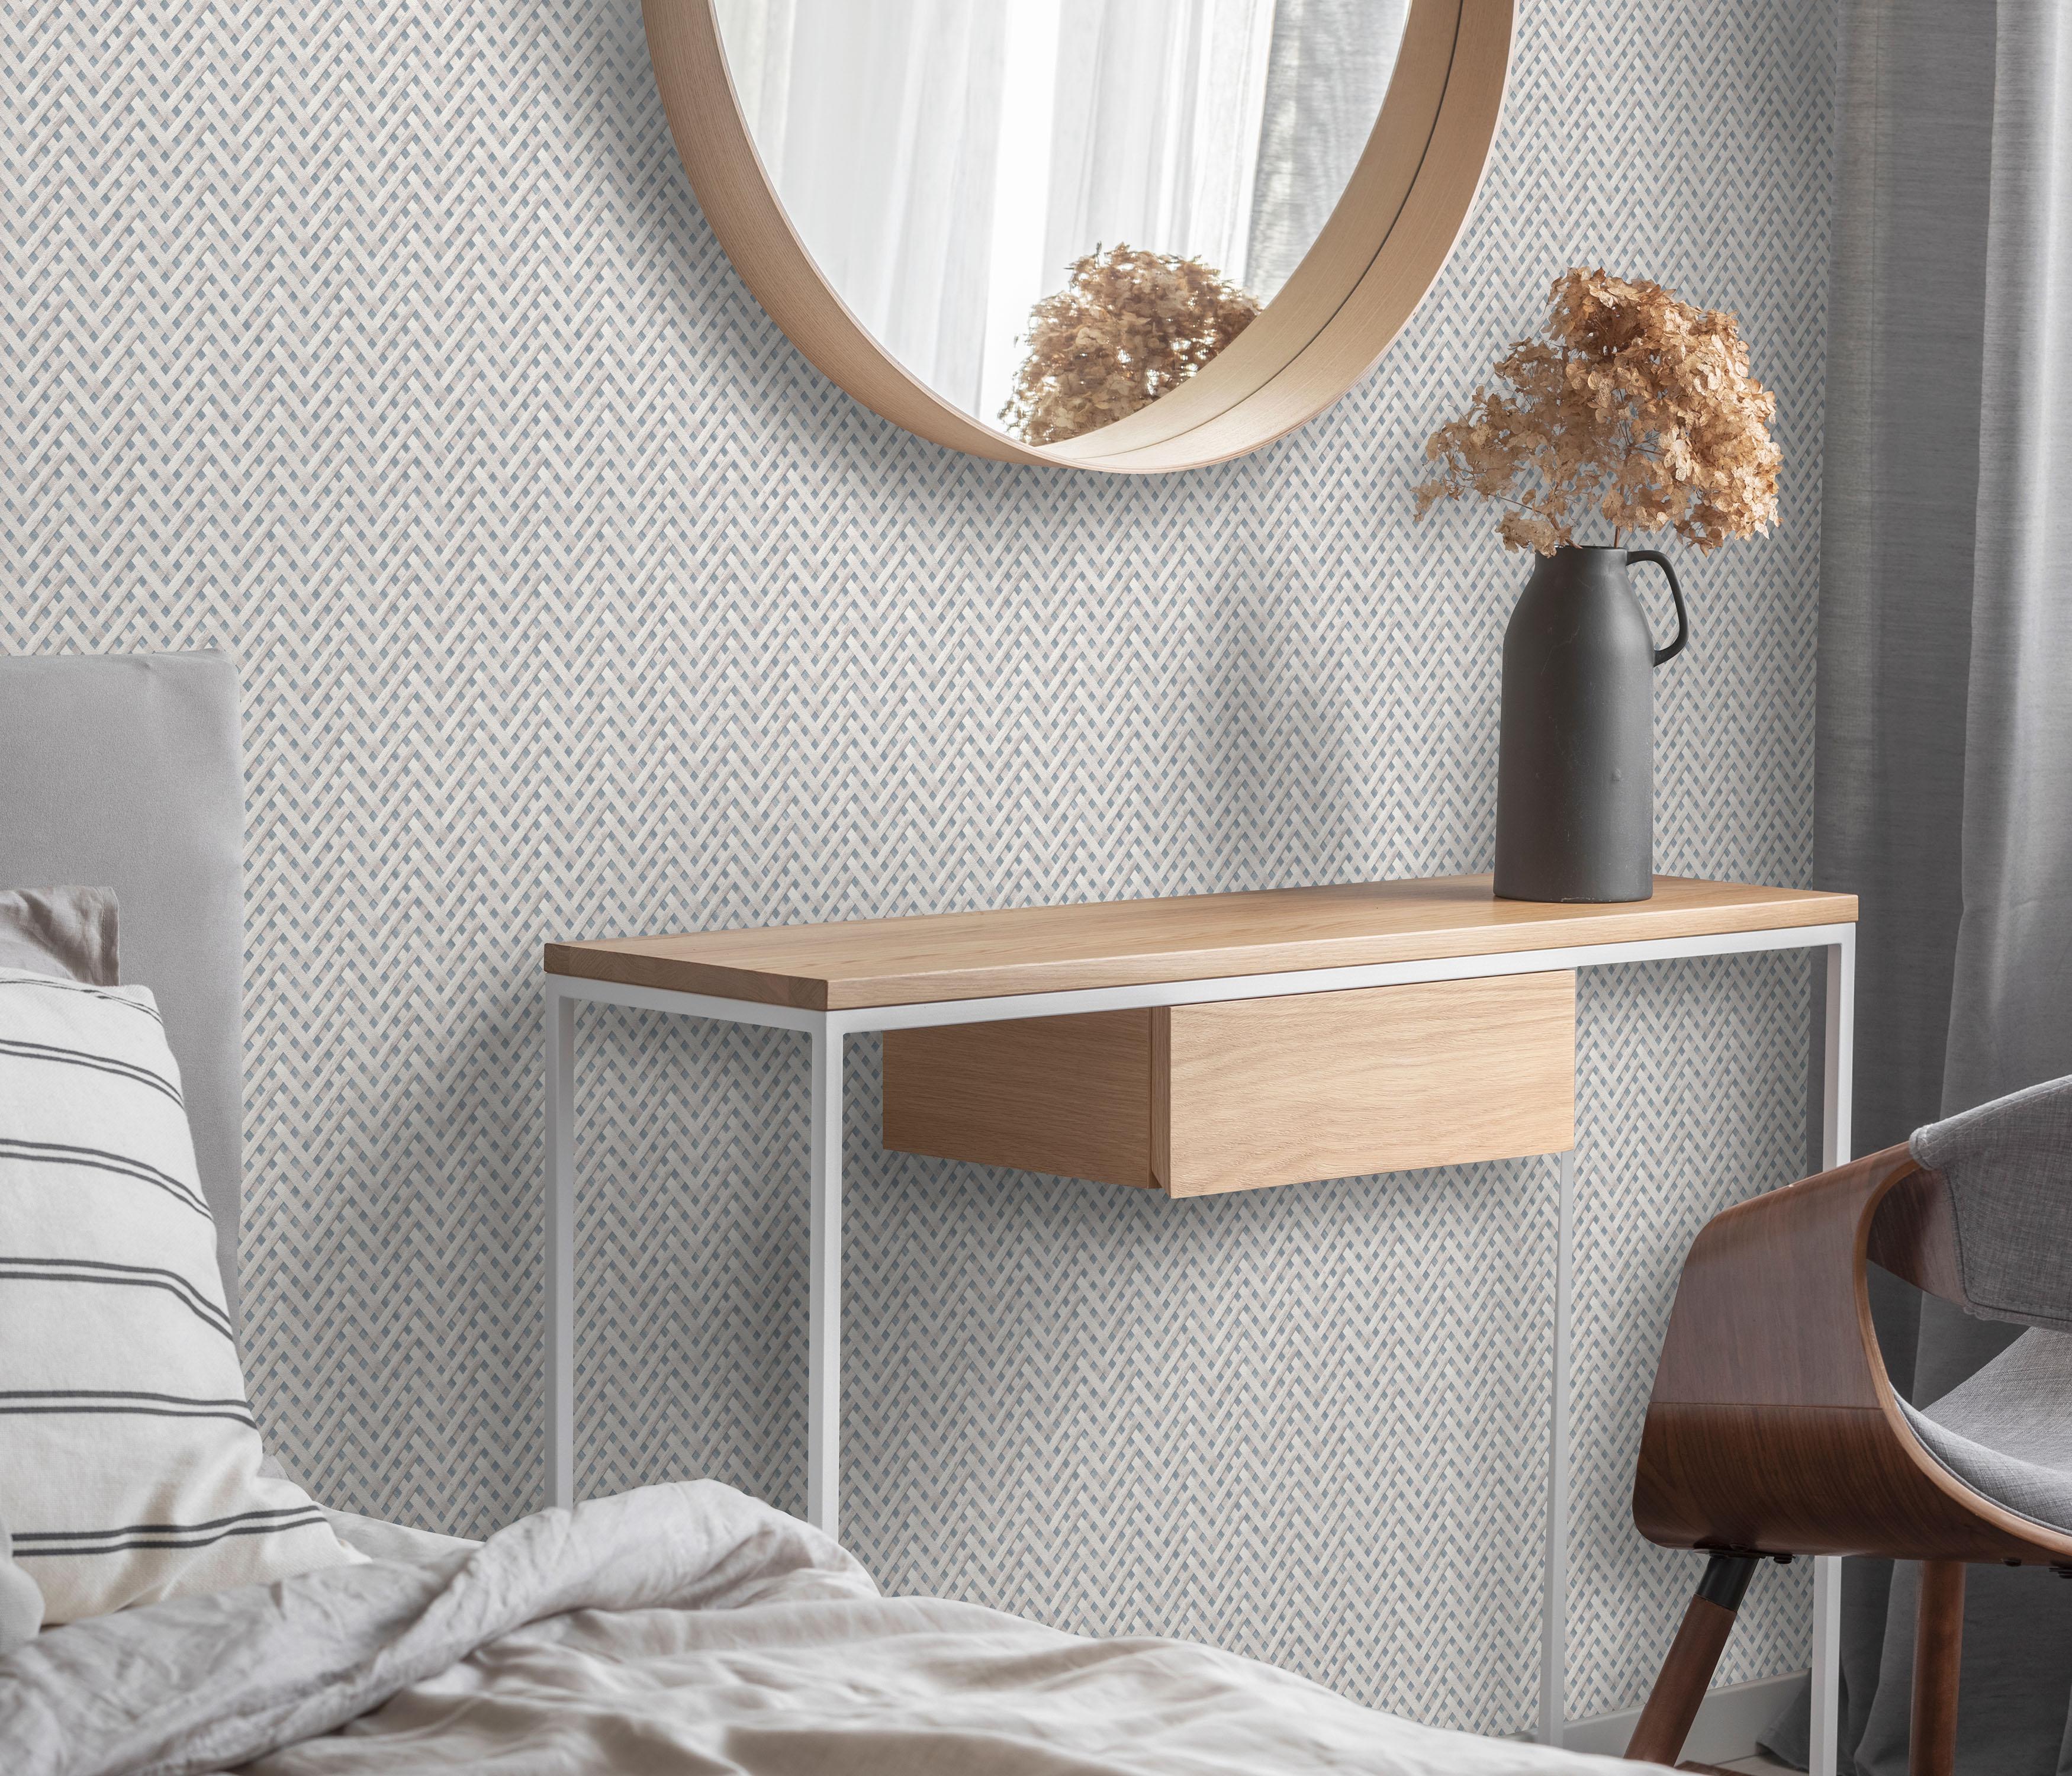 Modernes Schlafzimmer mit grauer Vliestapete, Sideboard